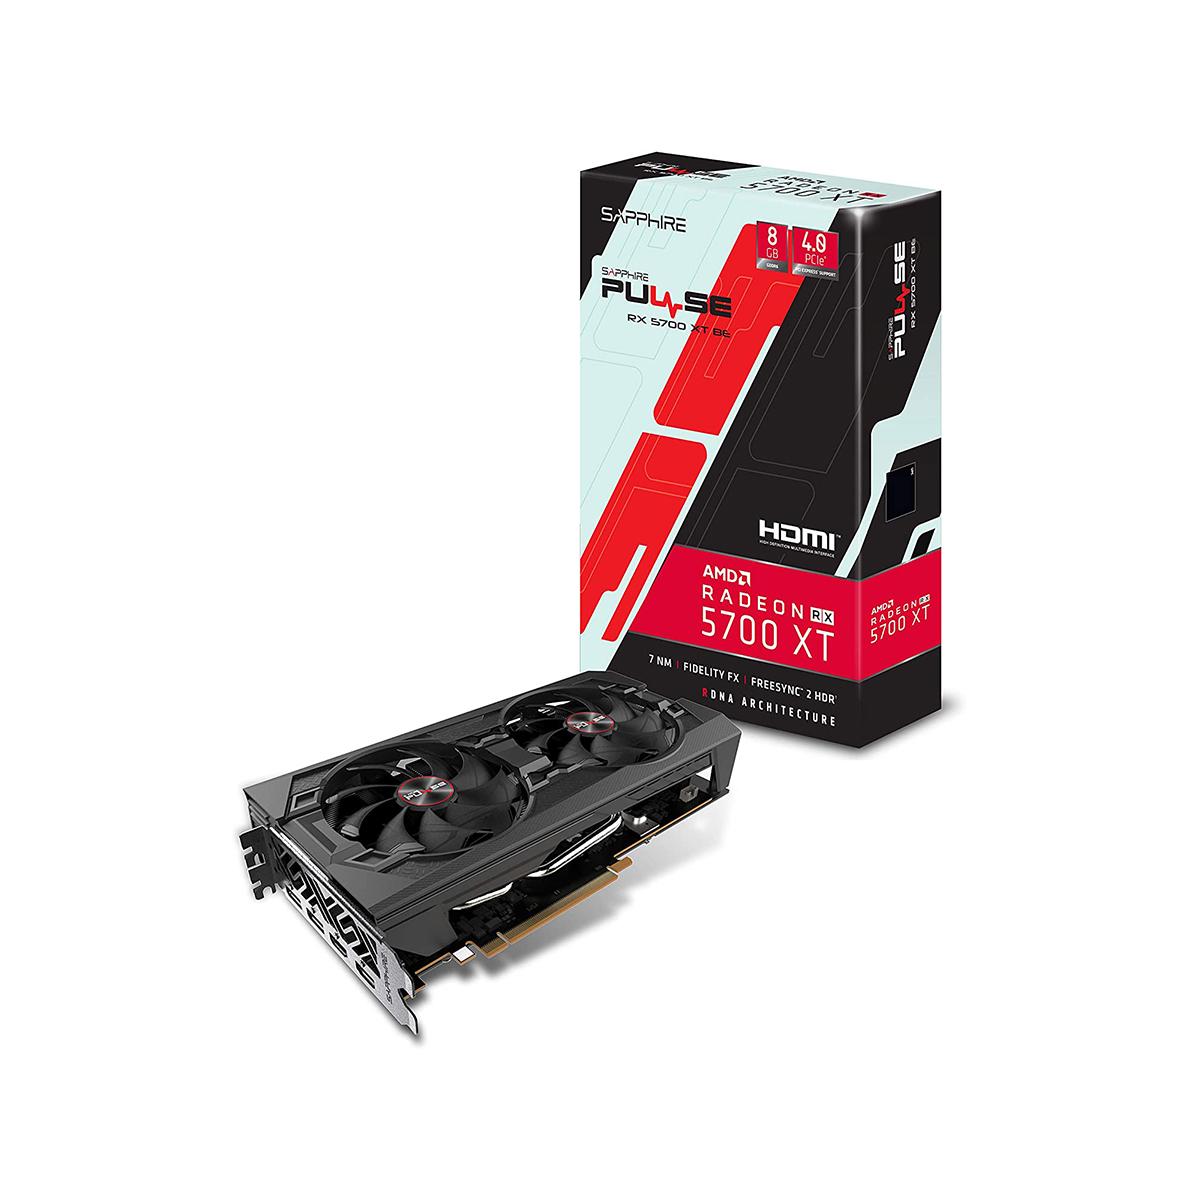 TARJETA DE VÍDEORADEON GEFORCE RX-5700 XT 8GB G-DDR6 8K Y VR REALIDAD VIRTUAL